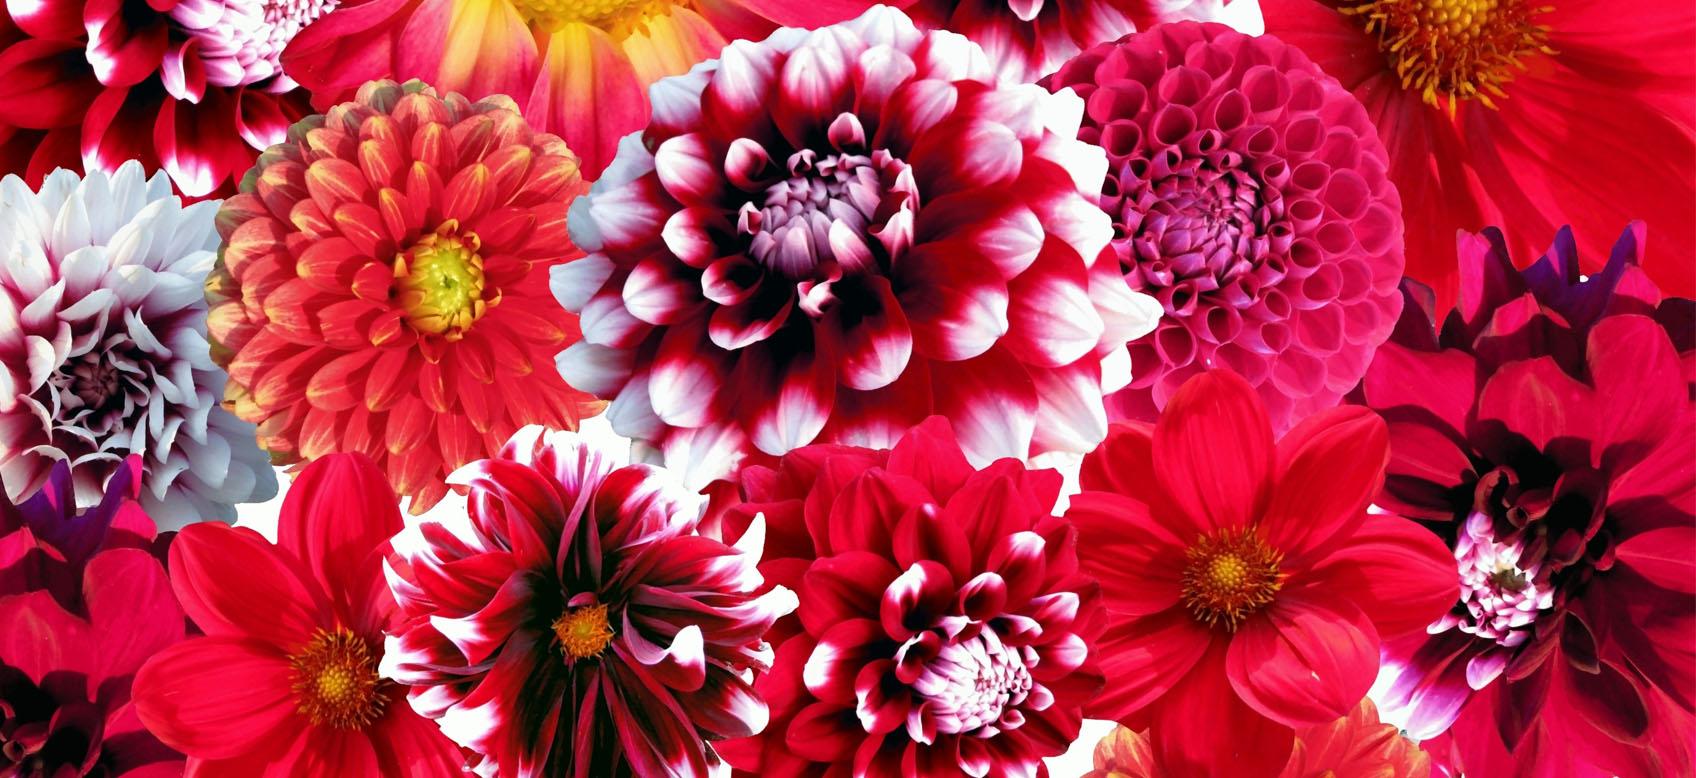 Quali Bulbi Piantare In Primavera dalia: consigli su come piantare i bulbi da fiore